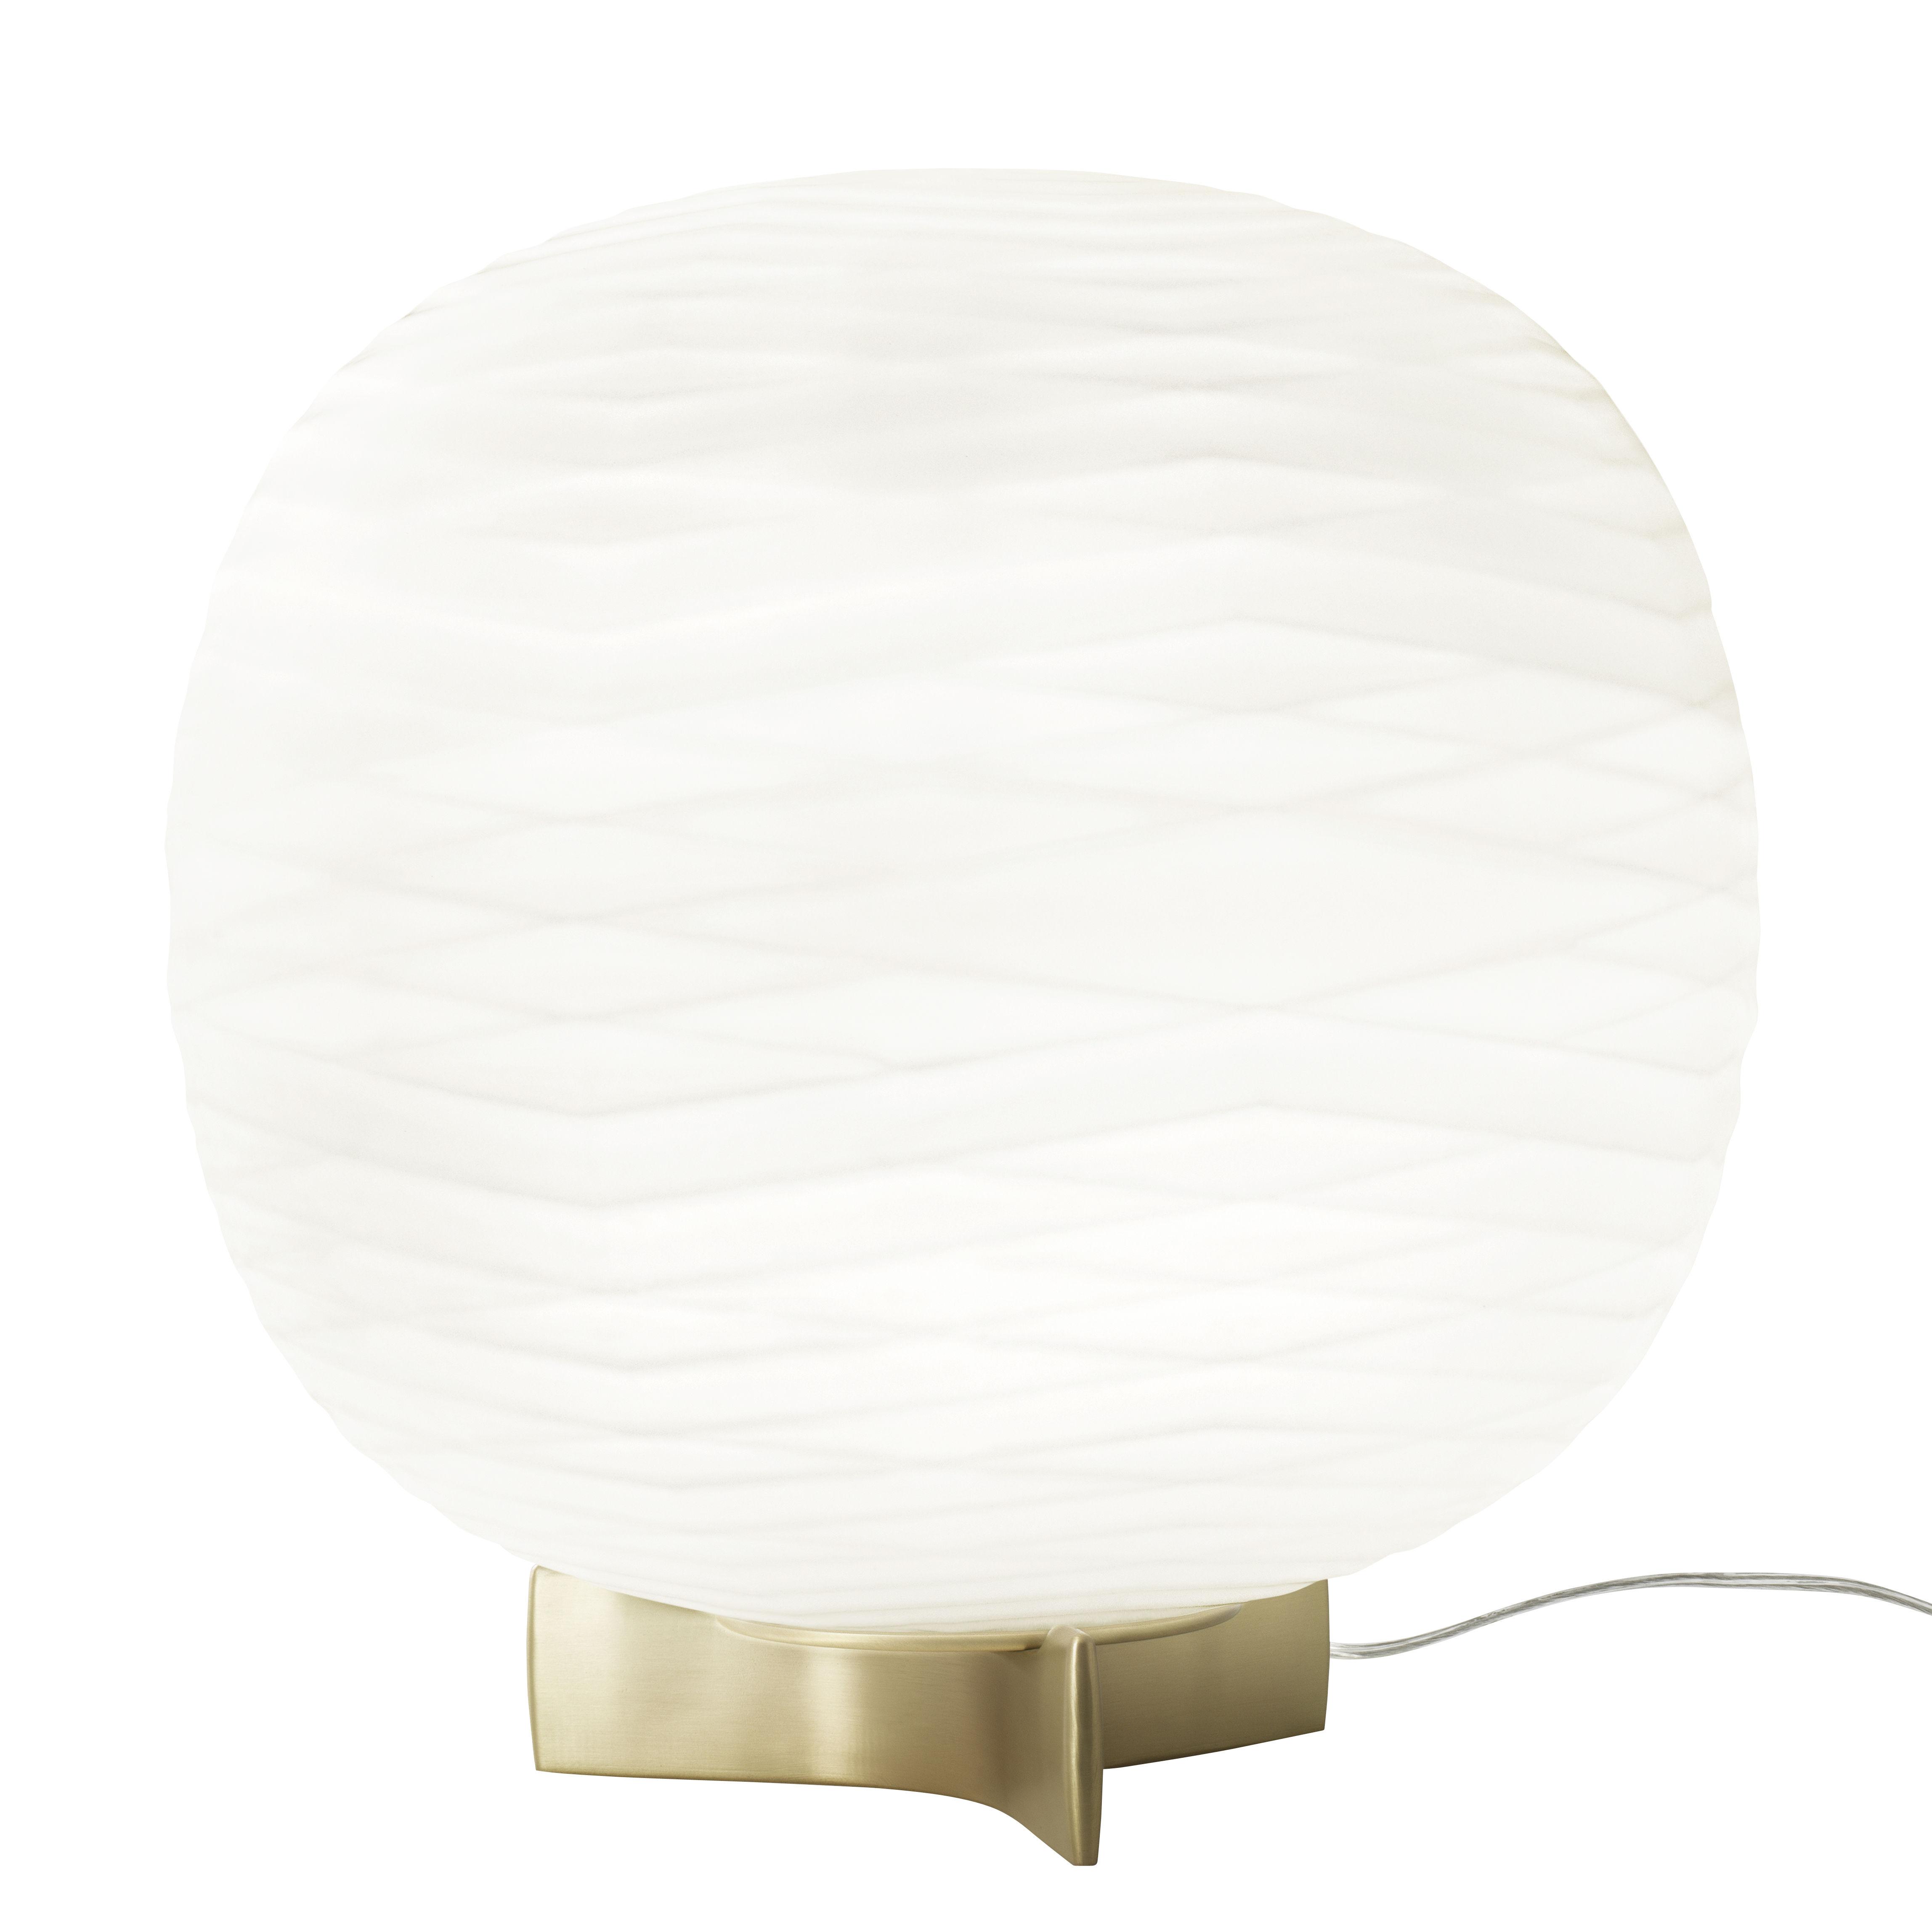 Luminaire - Lampes de table - Lampe de table Gem / Verre soufflé - Foscarini - Blanc / Or - Aluminium, Verre soufflé